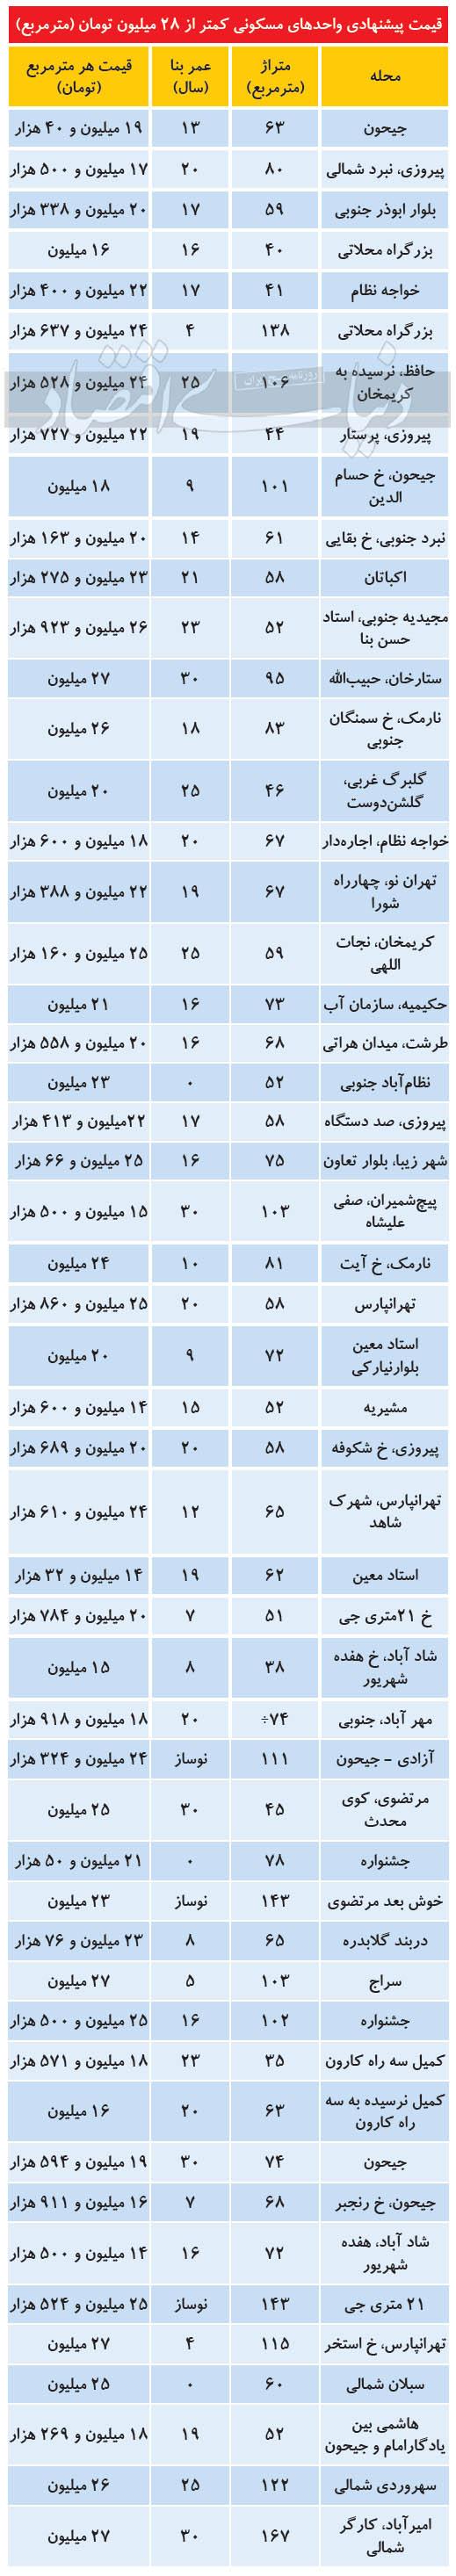 جدول_قیمت_مسکن